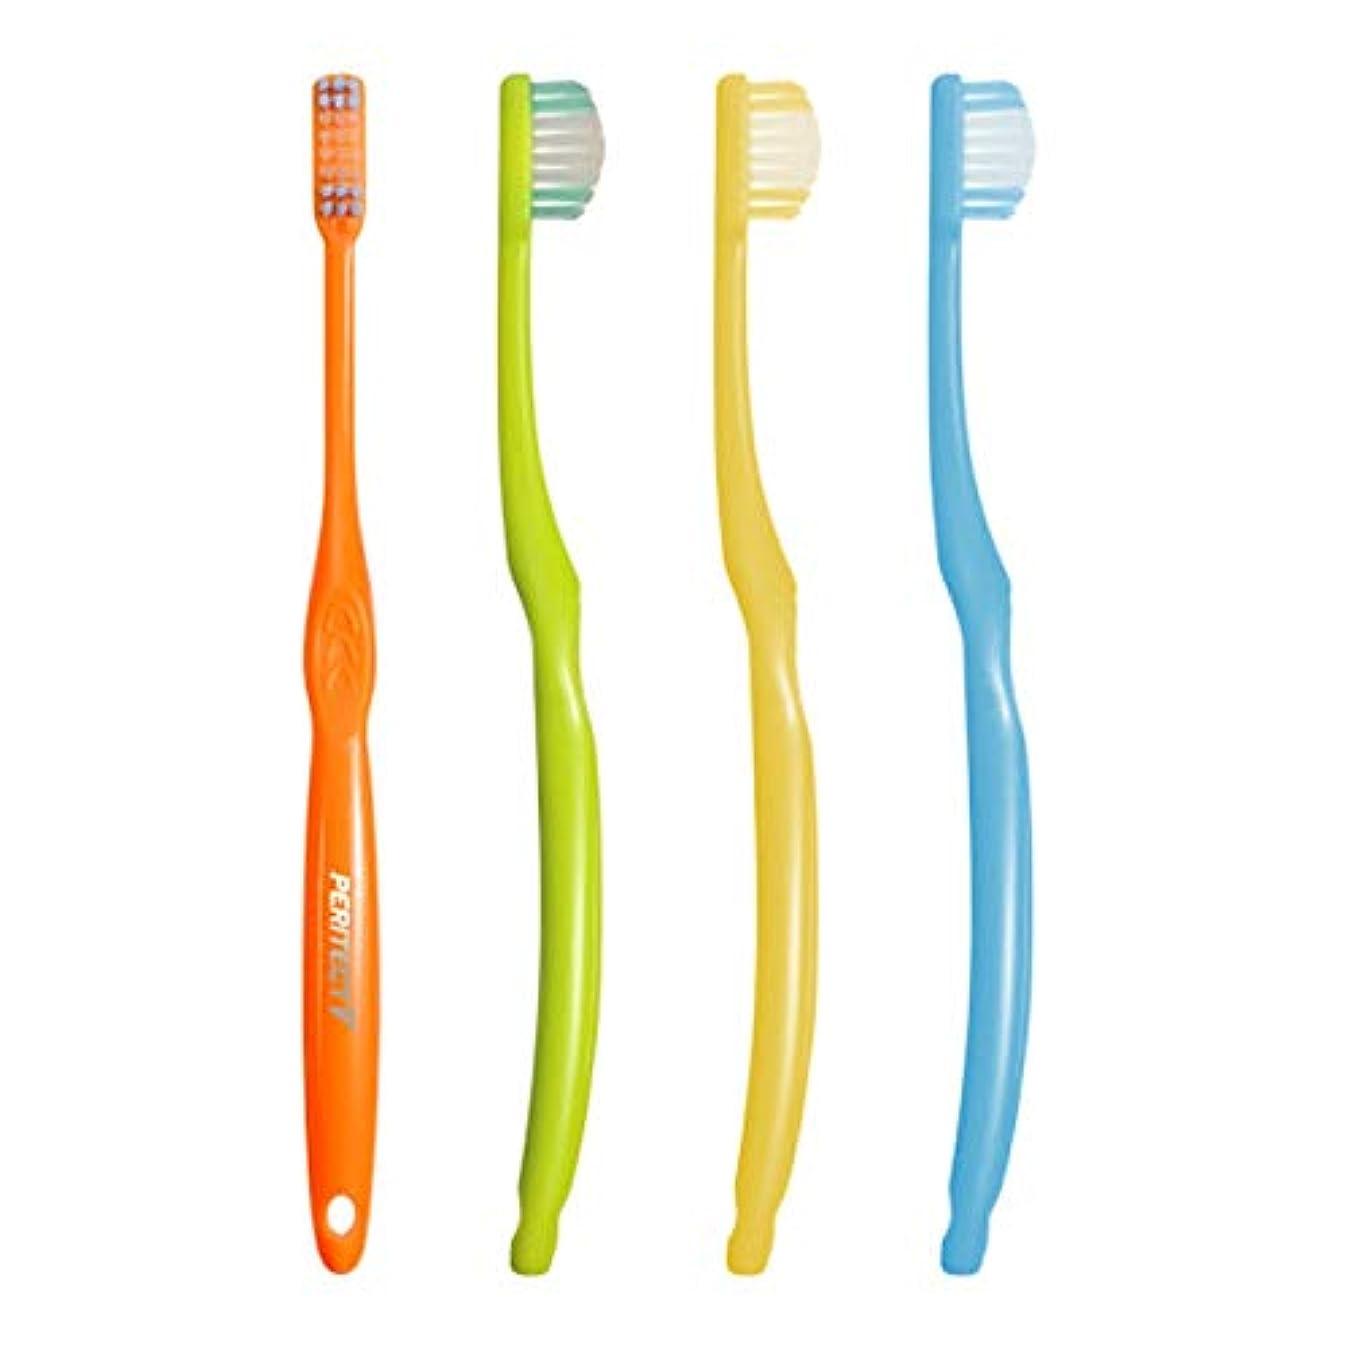 流産バランスフェッチビーブランド PERITECT V ペリテクト ブイ 8M(ふつう)×1本 歯ブラシ 歯科専売品